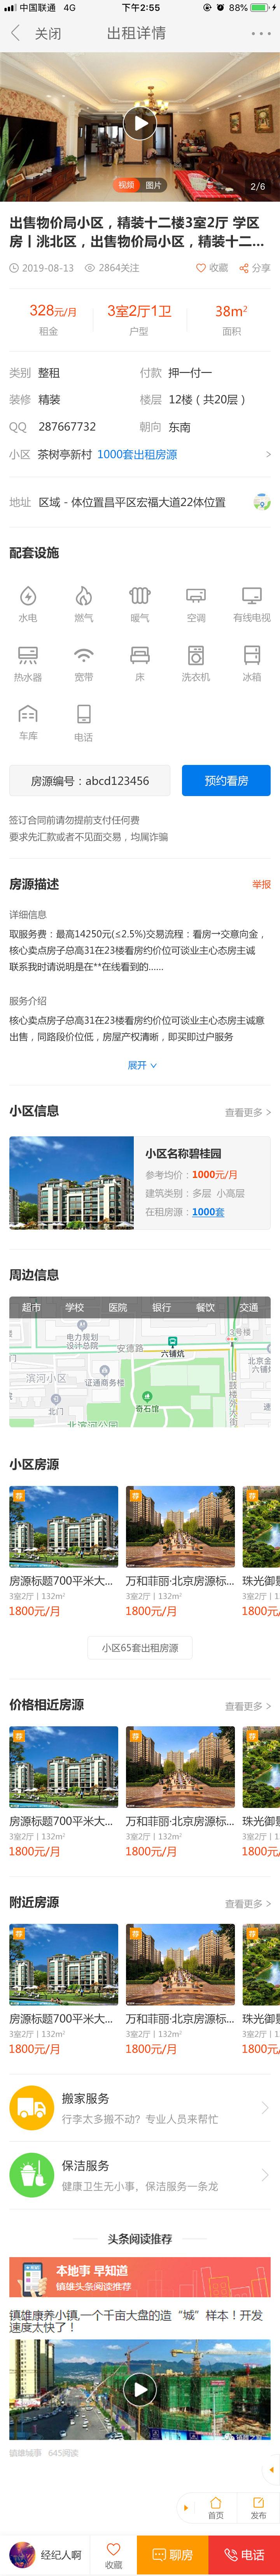 睢县在线分类房产频道优化上线公告